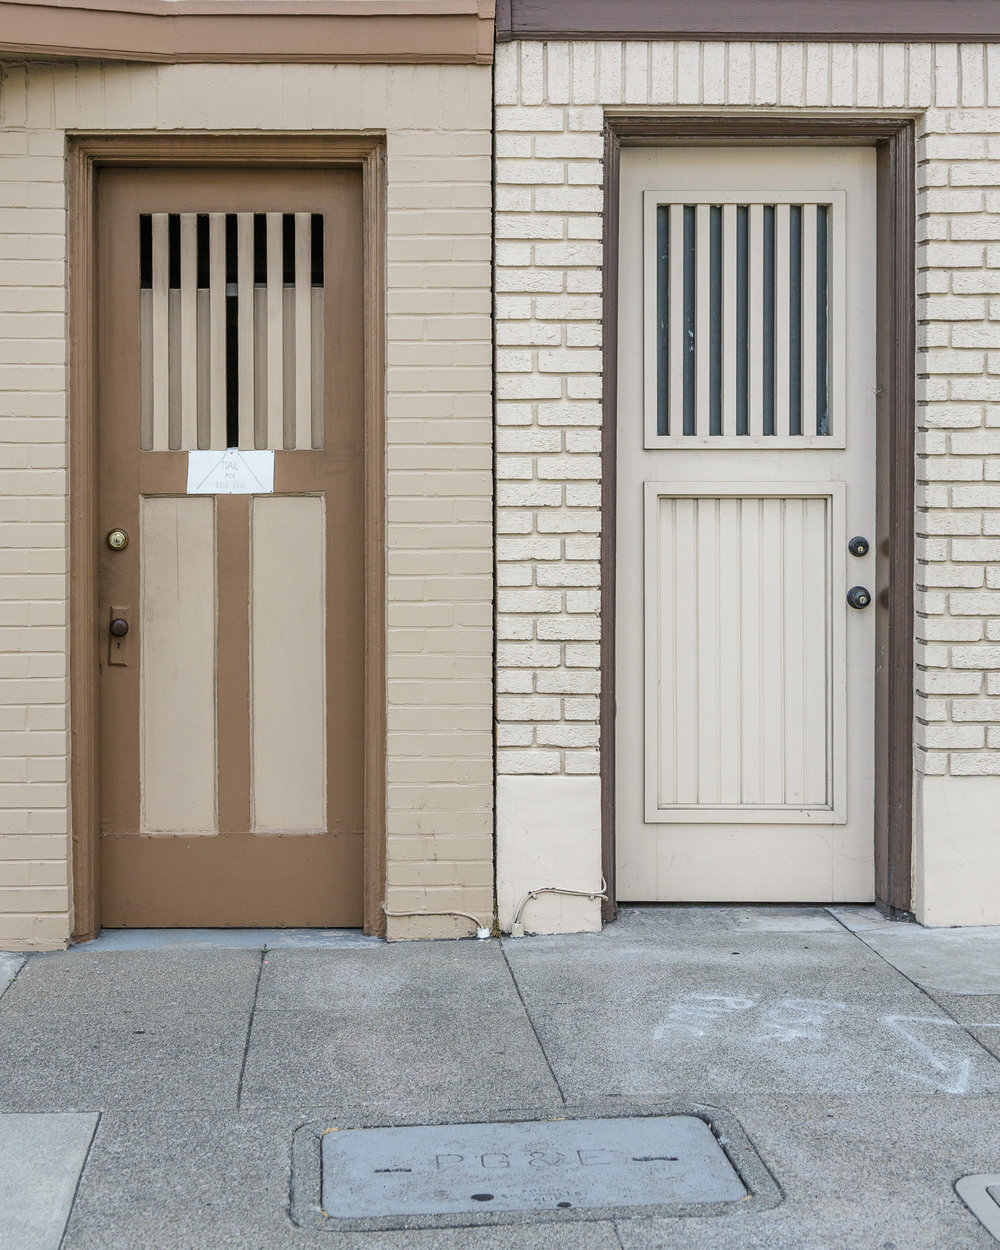 Doors_2018_06_07_092.jpg